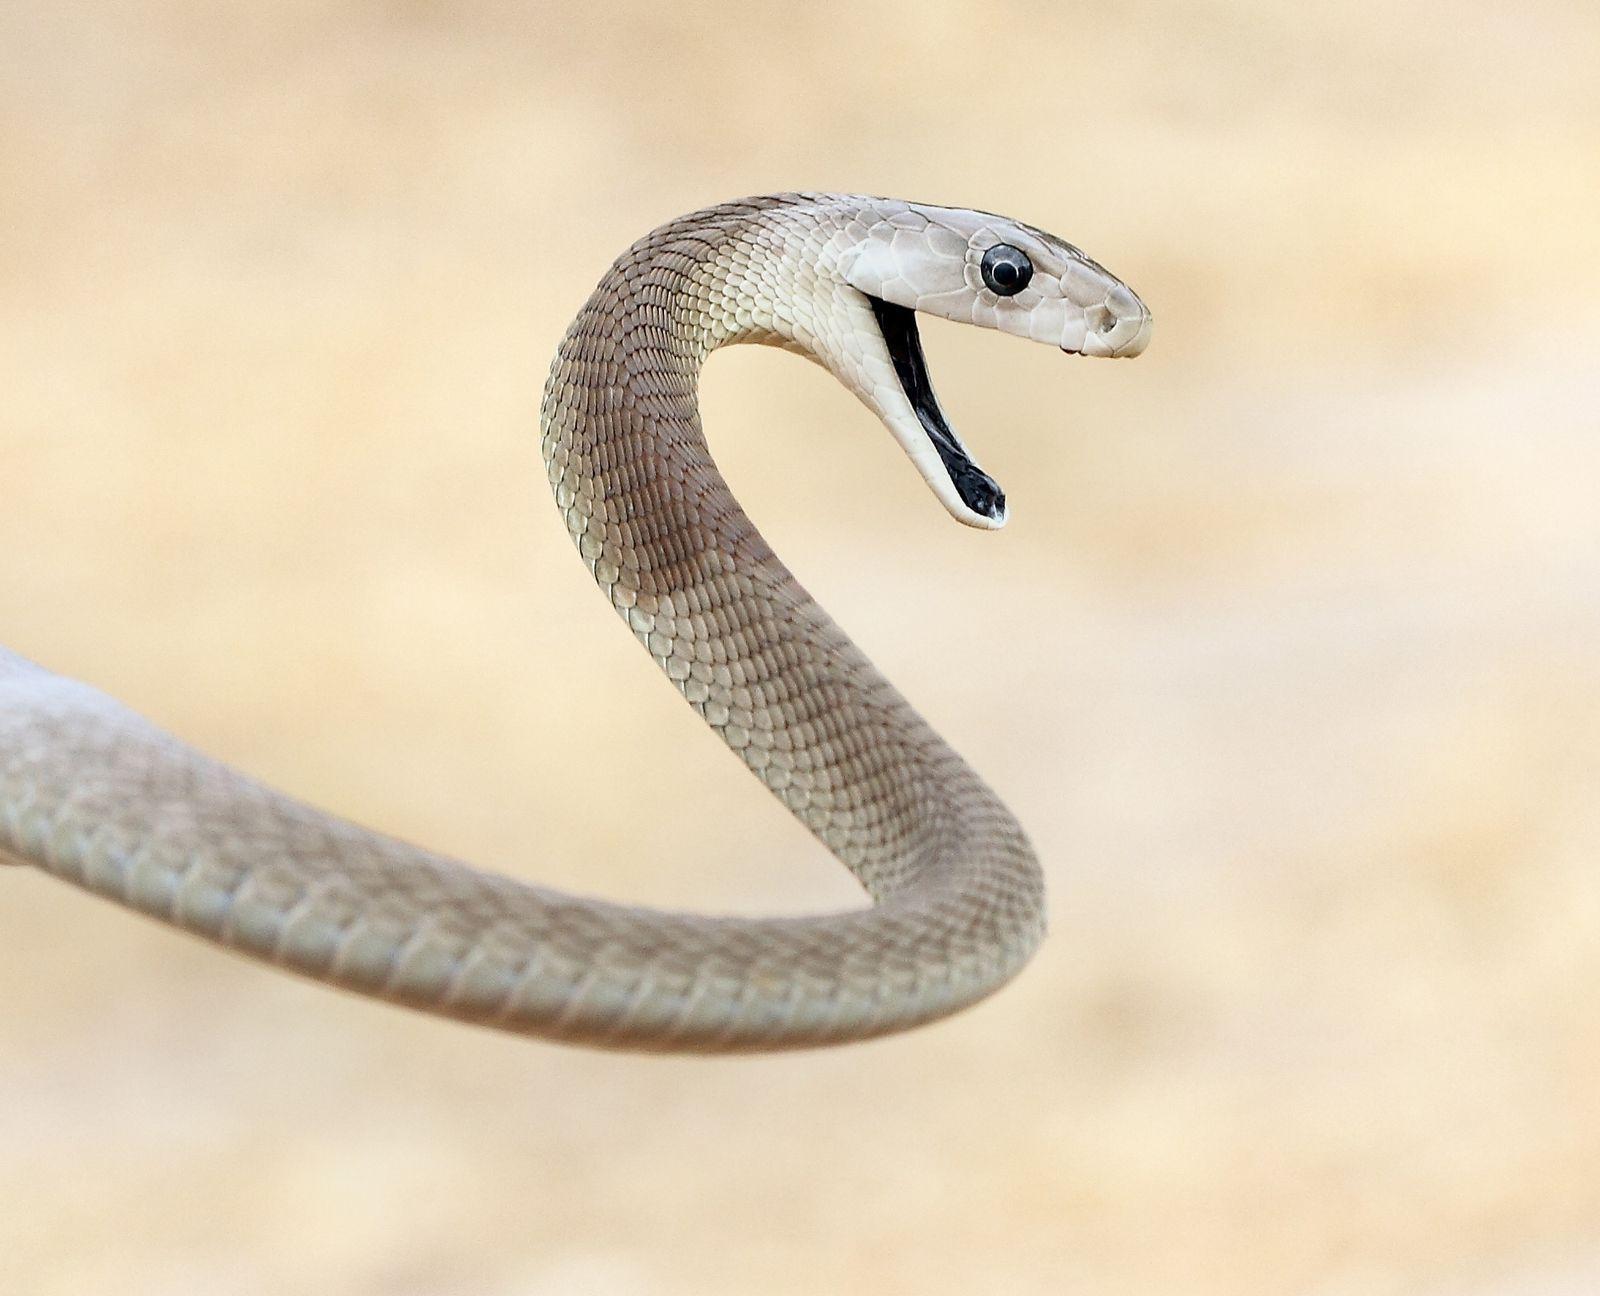 температуры картинки змей черная мамба время эксплуатации